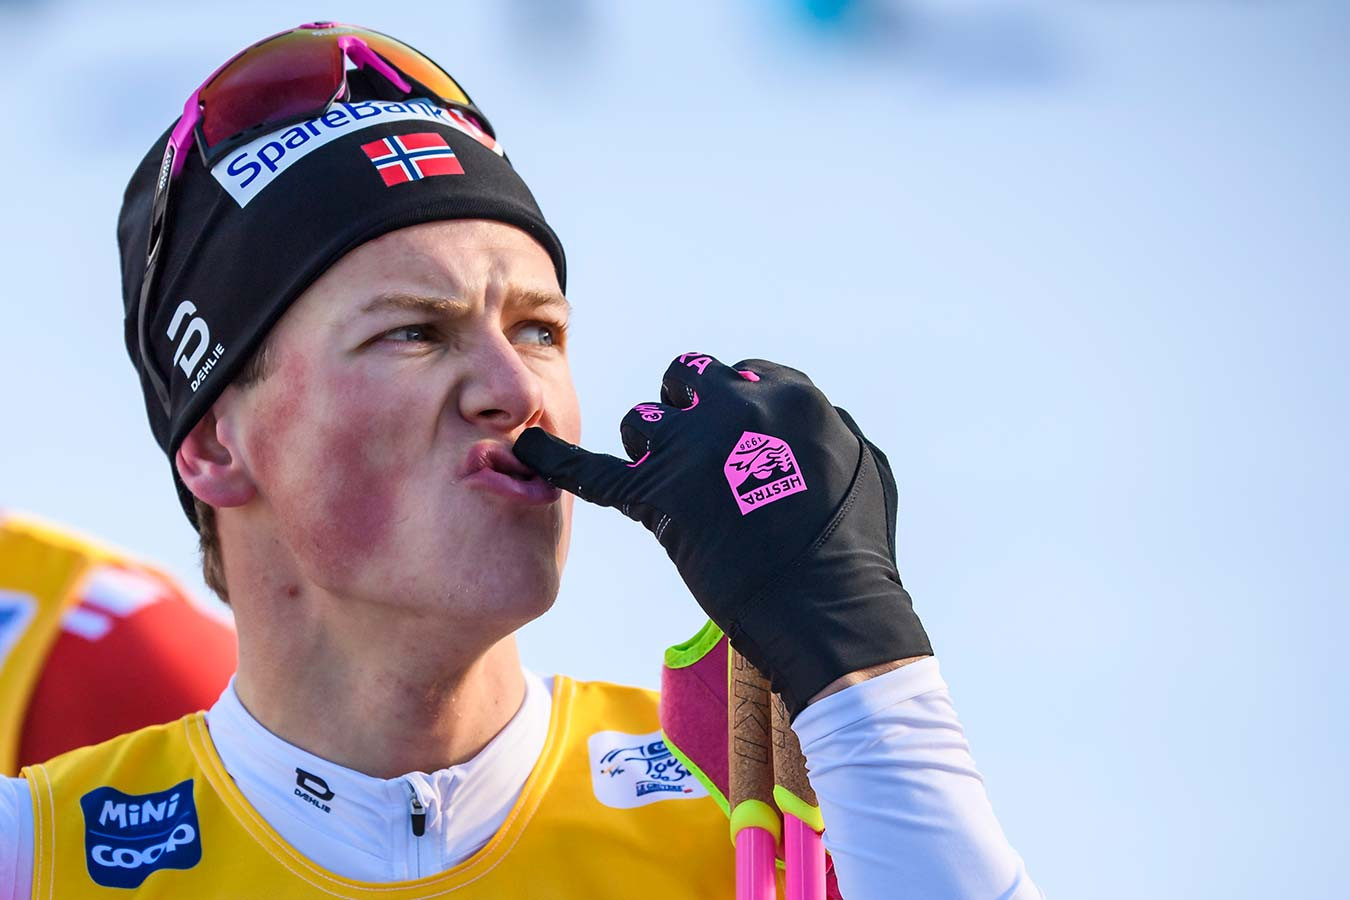 Йоханнес Клебо попросил отозвать апелляцию на результаты марафона